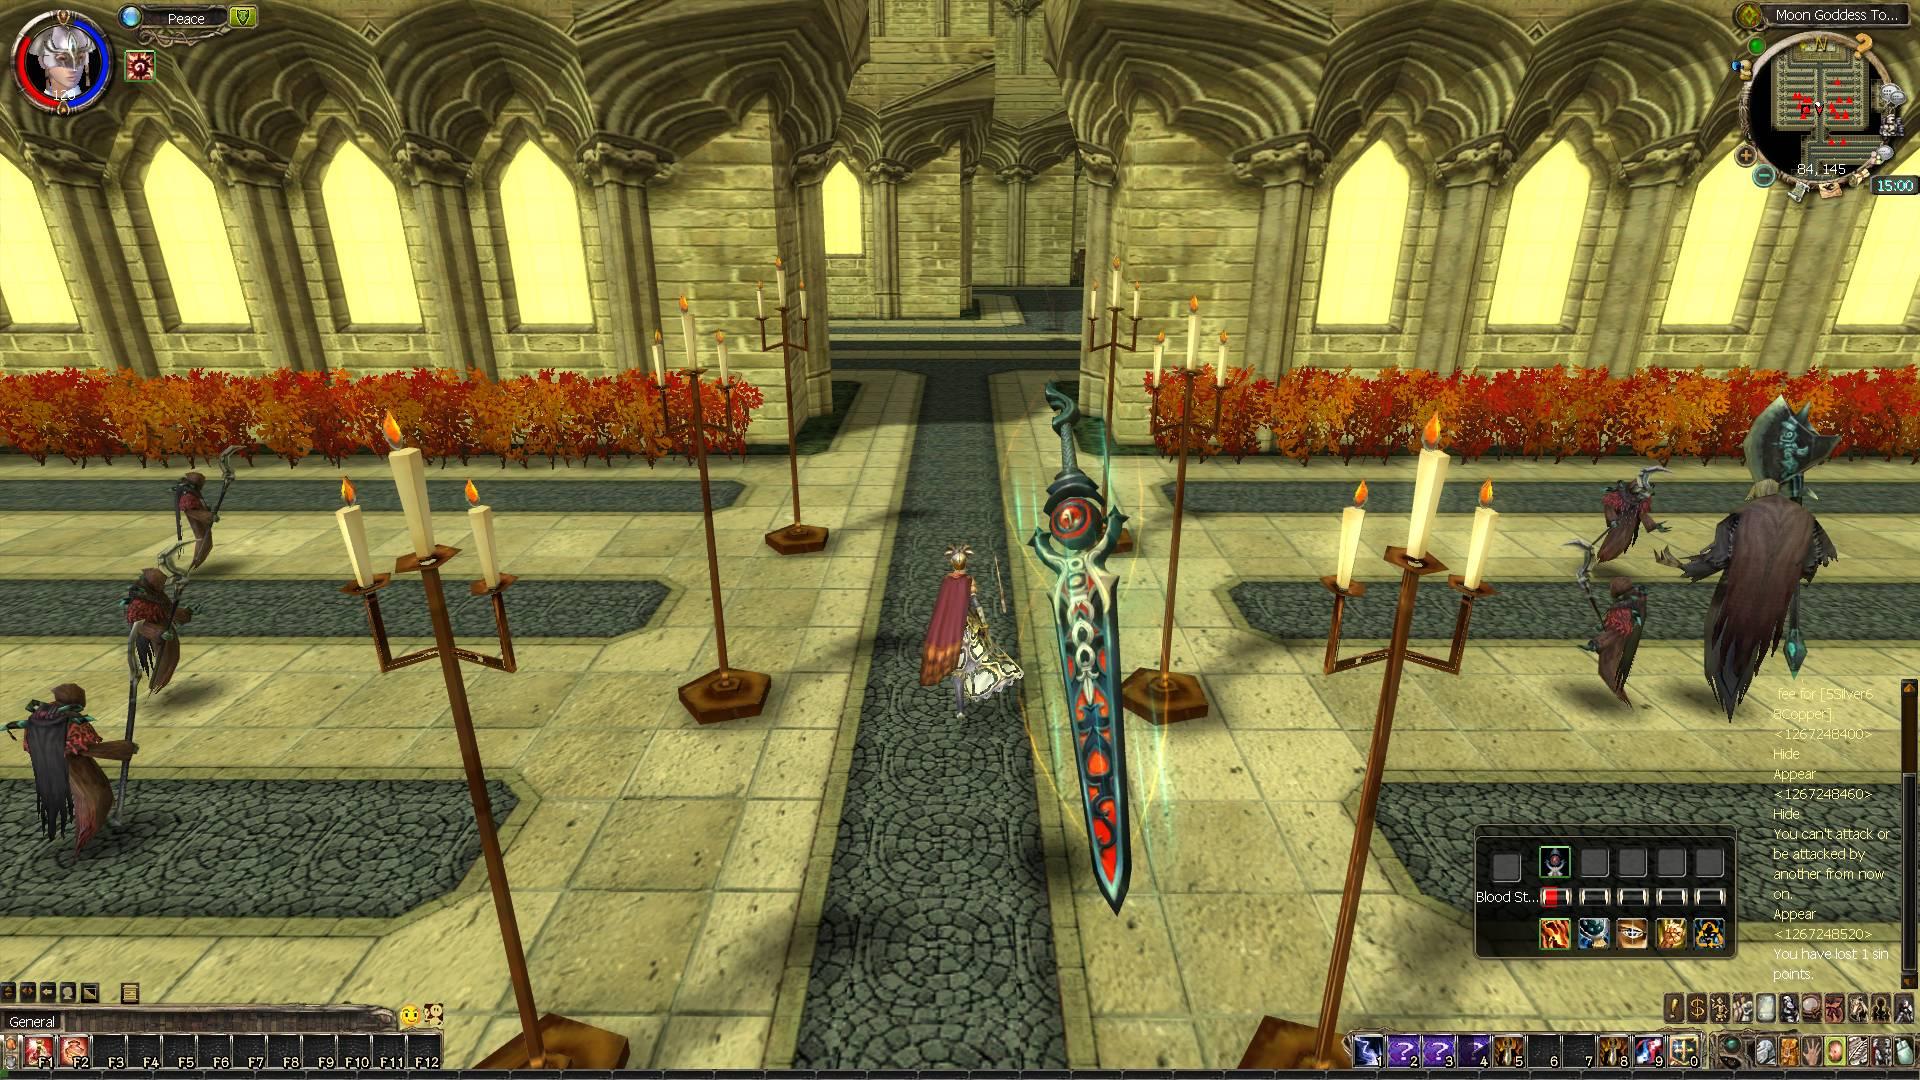 Click image for larger version.Name:King of Kings 3 3.jpgViews:341Size:390.7 KBID:2223